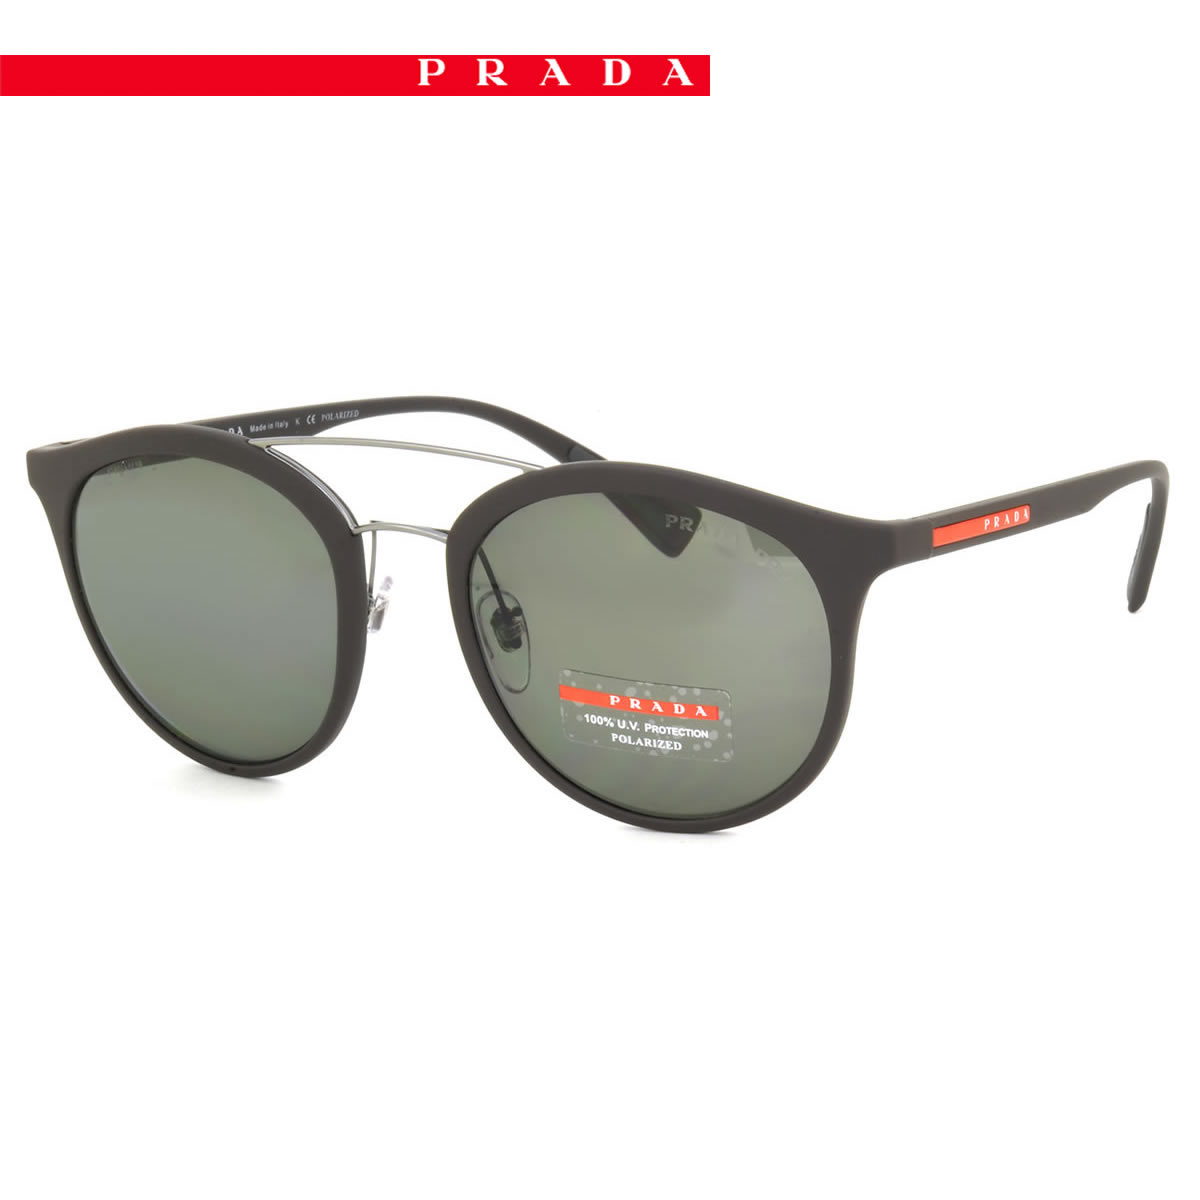 86ce5ee62aba ... ireland prada sport sunglasses ps04rs ub05x1 54 size prada sports two  bridge polarized lenses polarized sunglasses